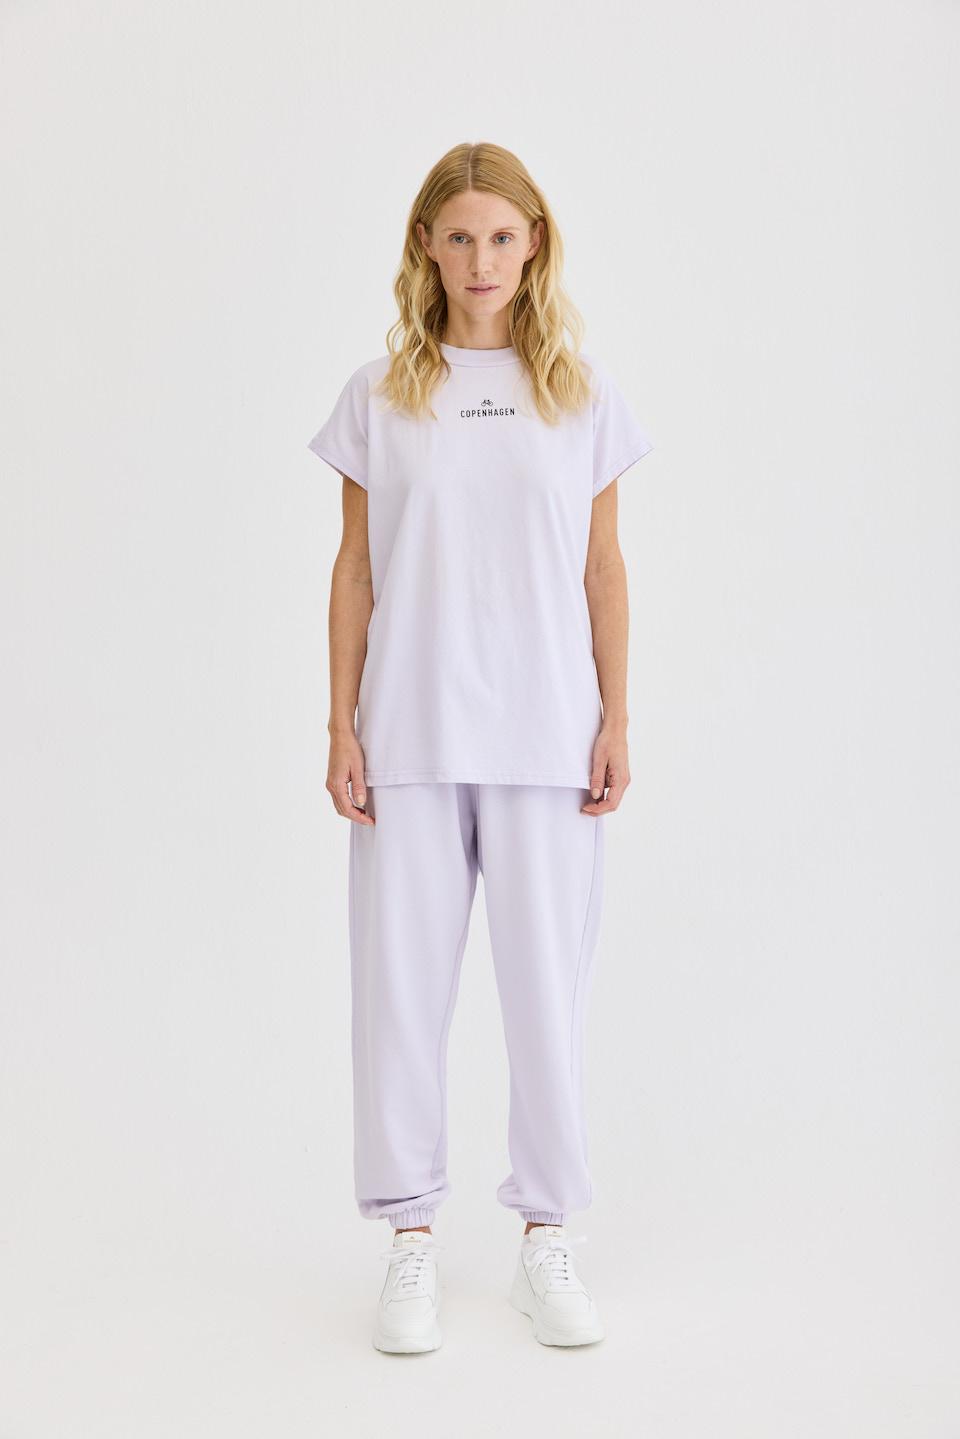 CPH Shirt 1 org. cotton lavender